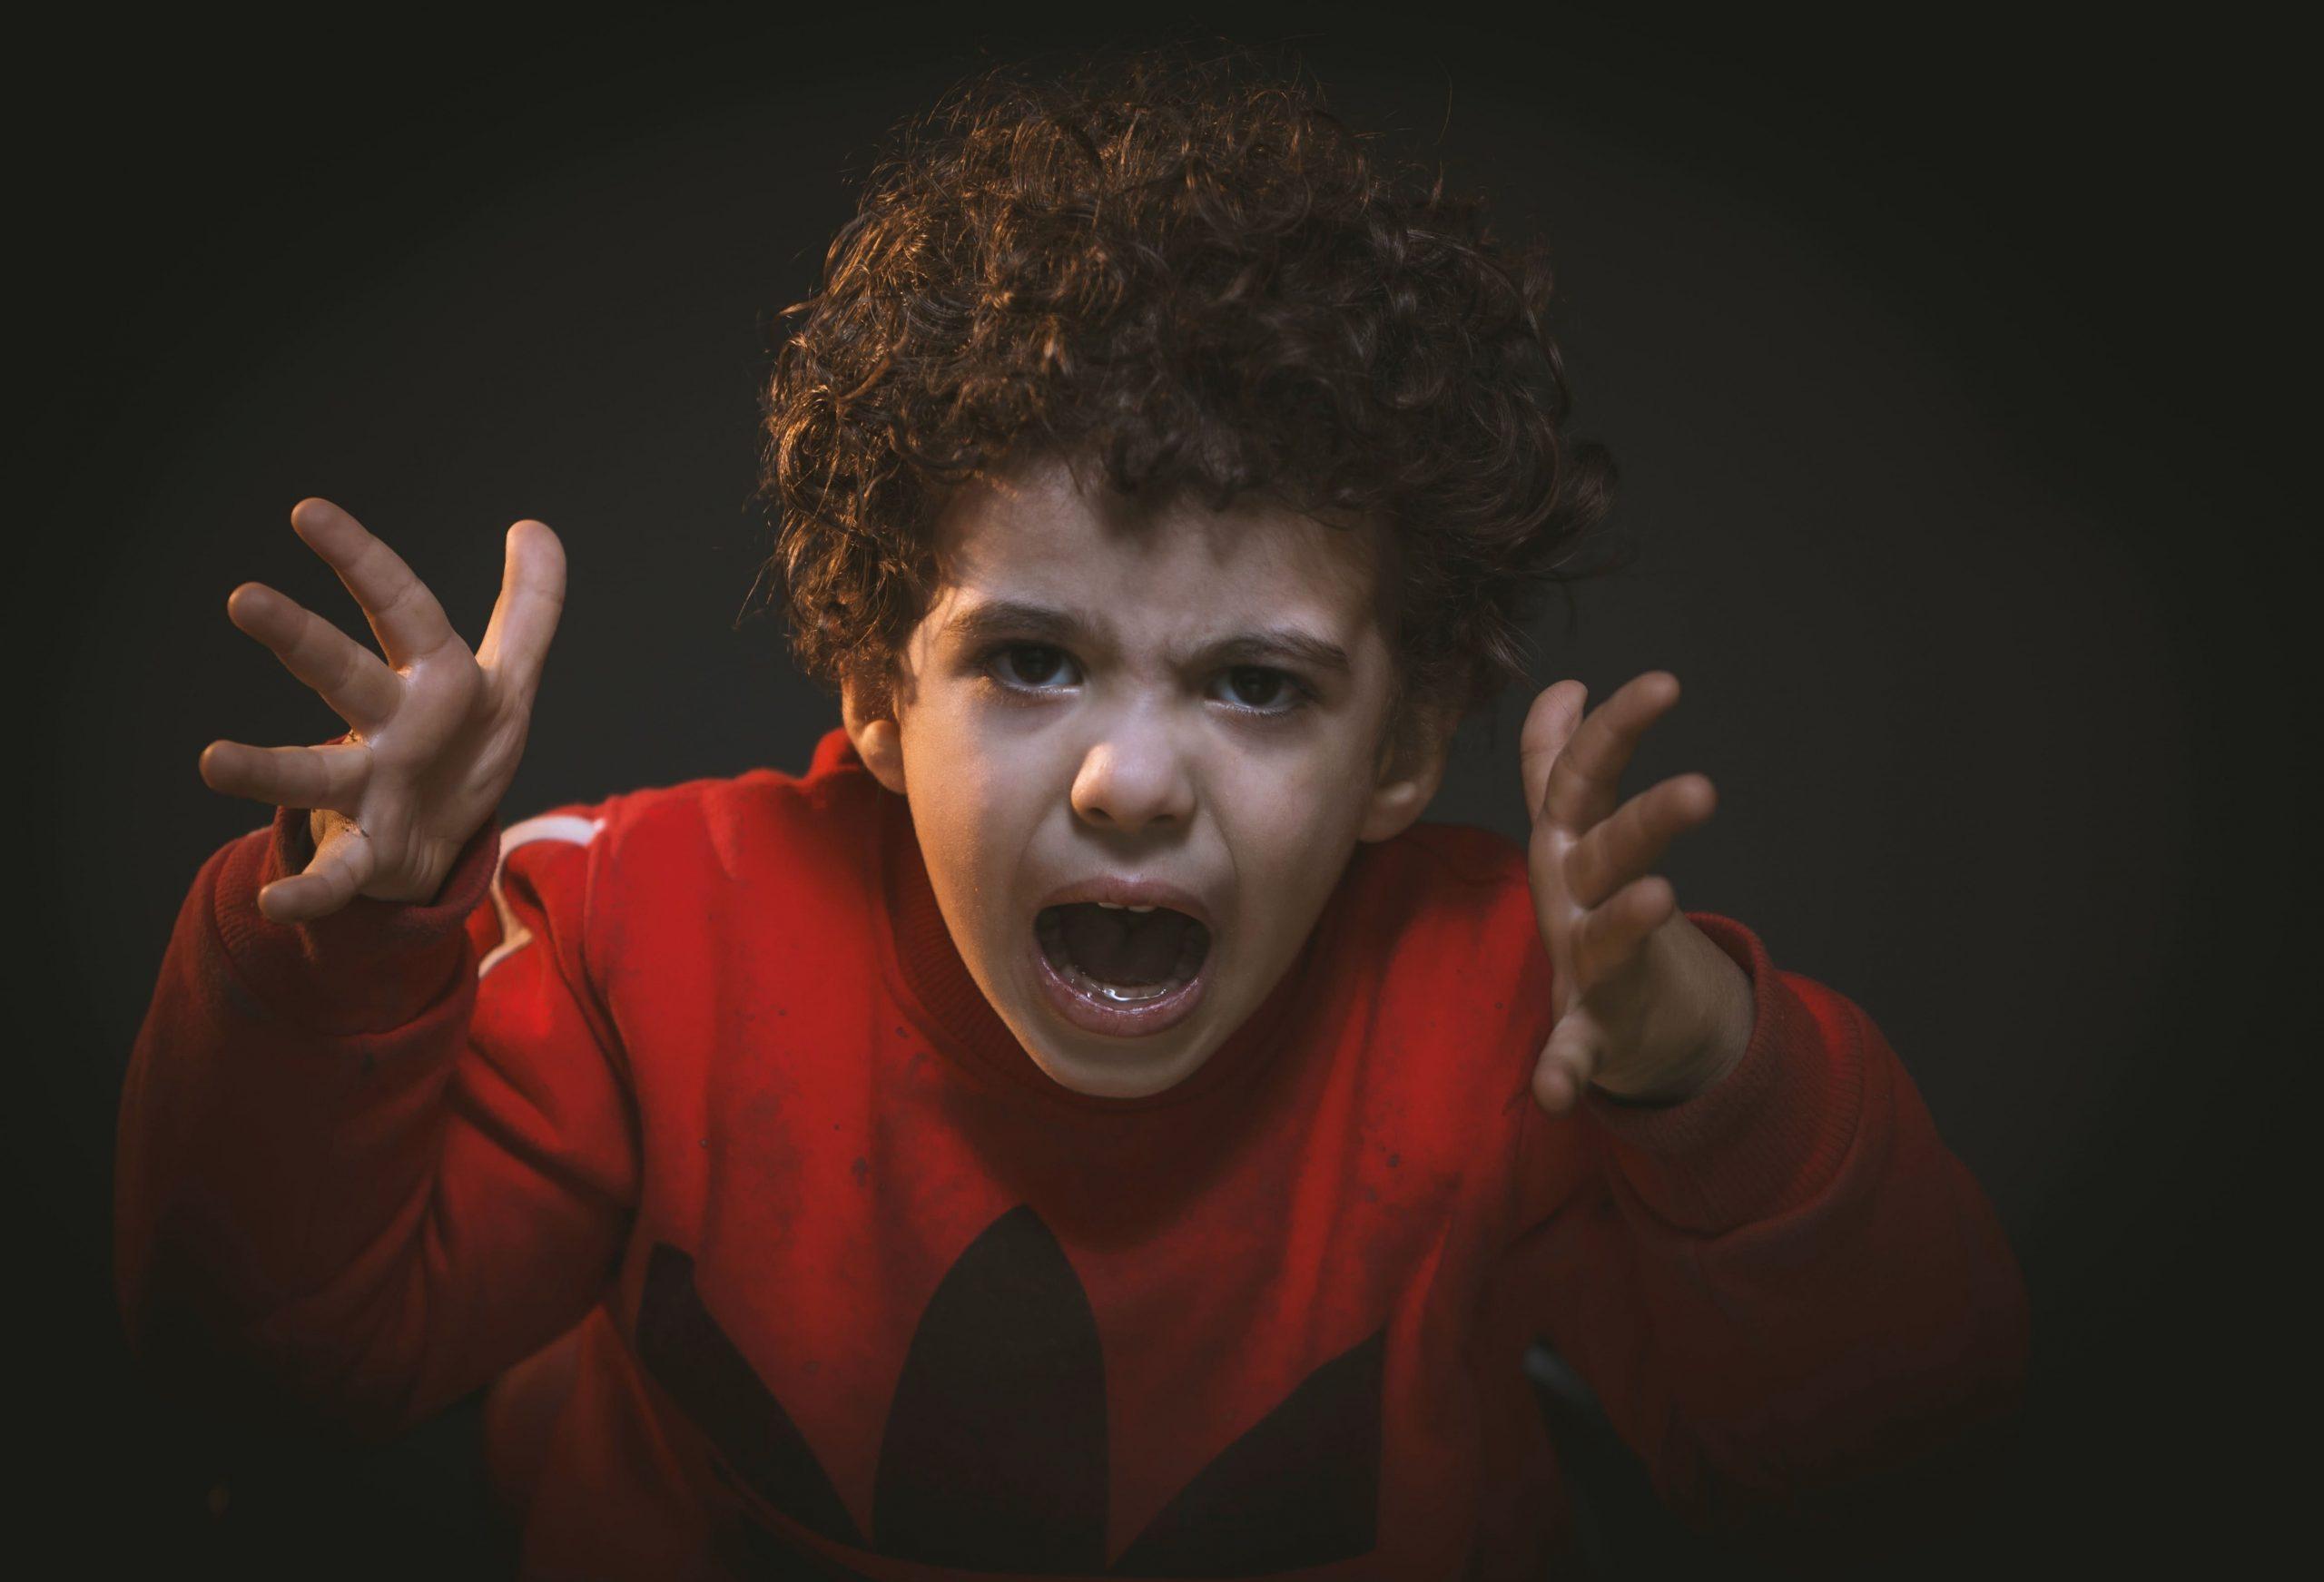 ثلاث نصائح سريعة للسيطرة علي الغضب